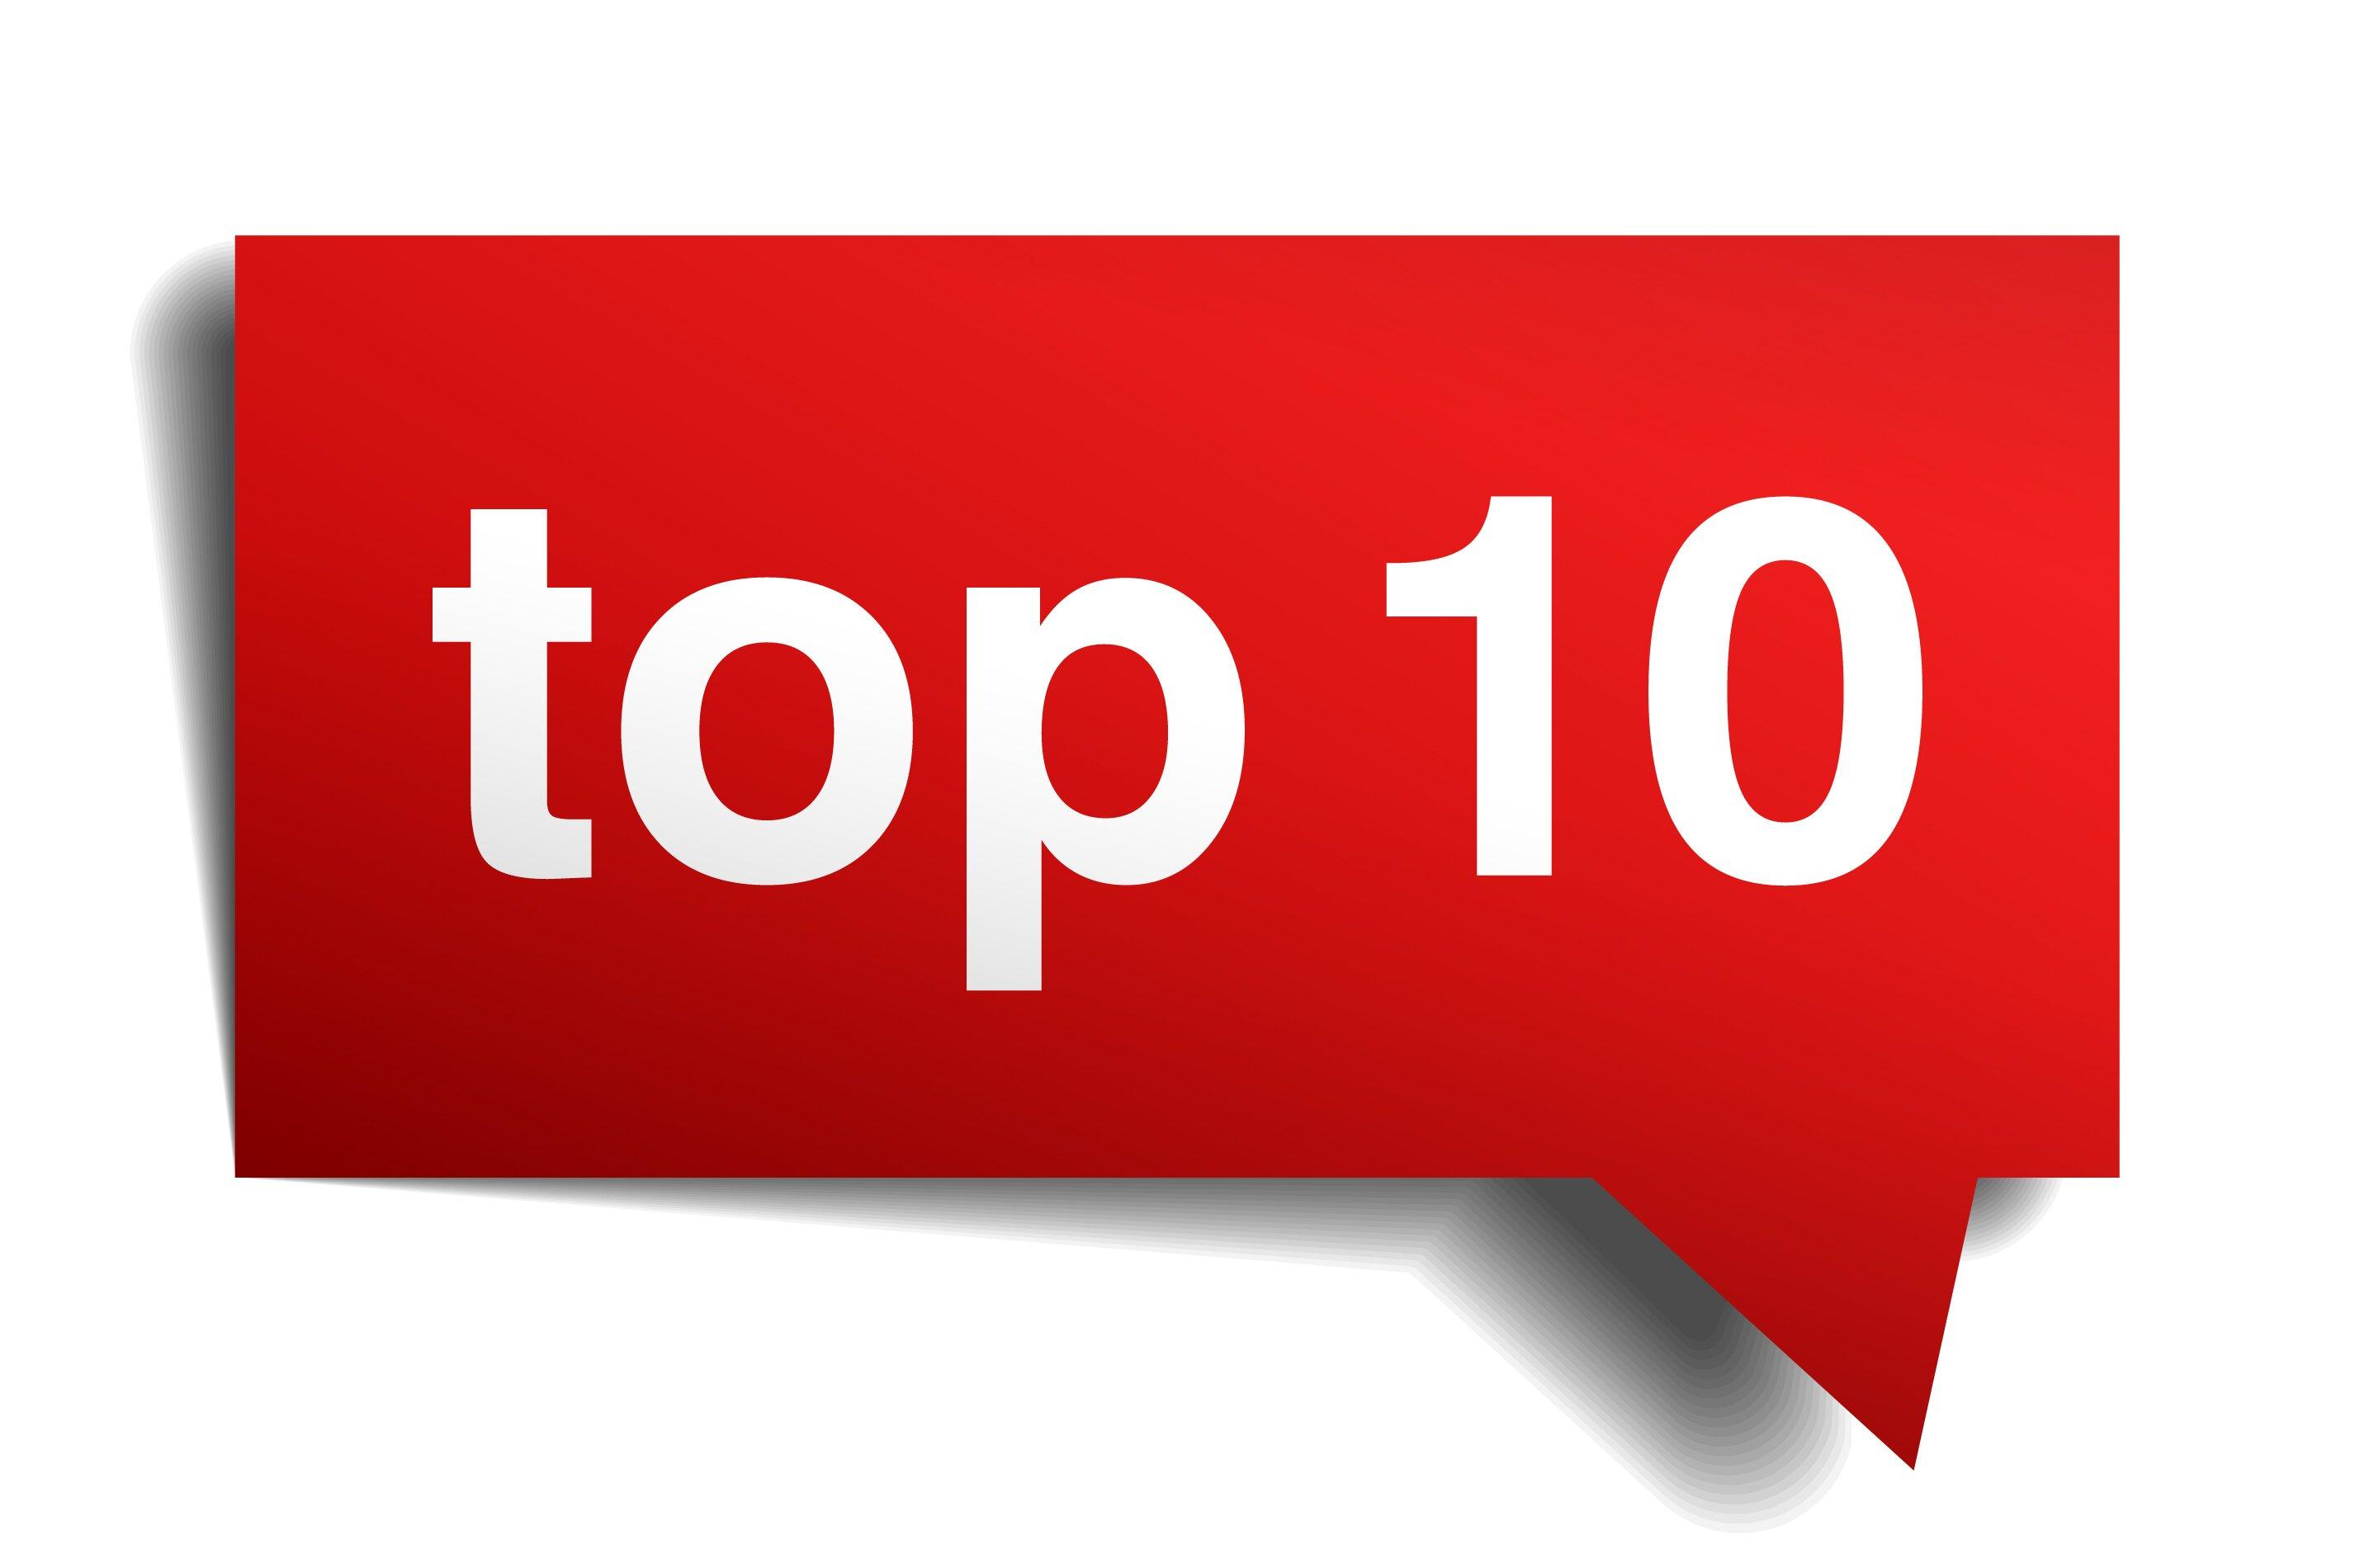 Топ-10 українських стартапів, які знають у світі.